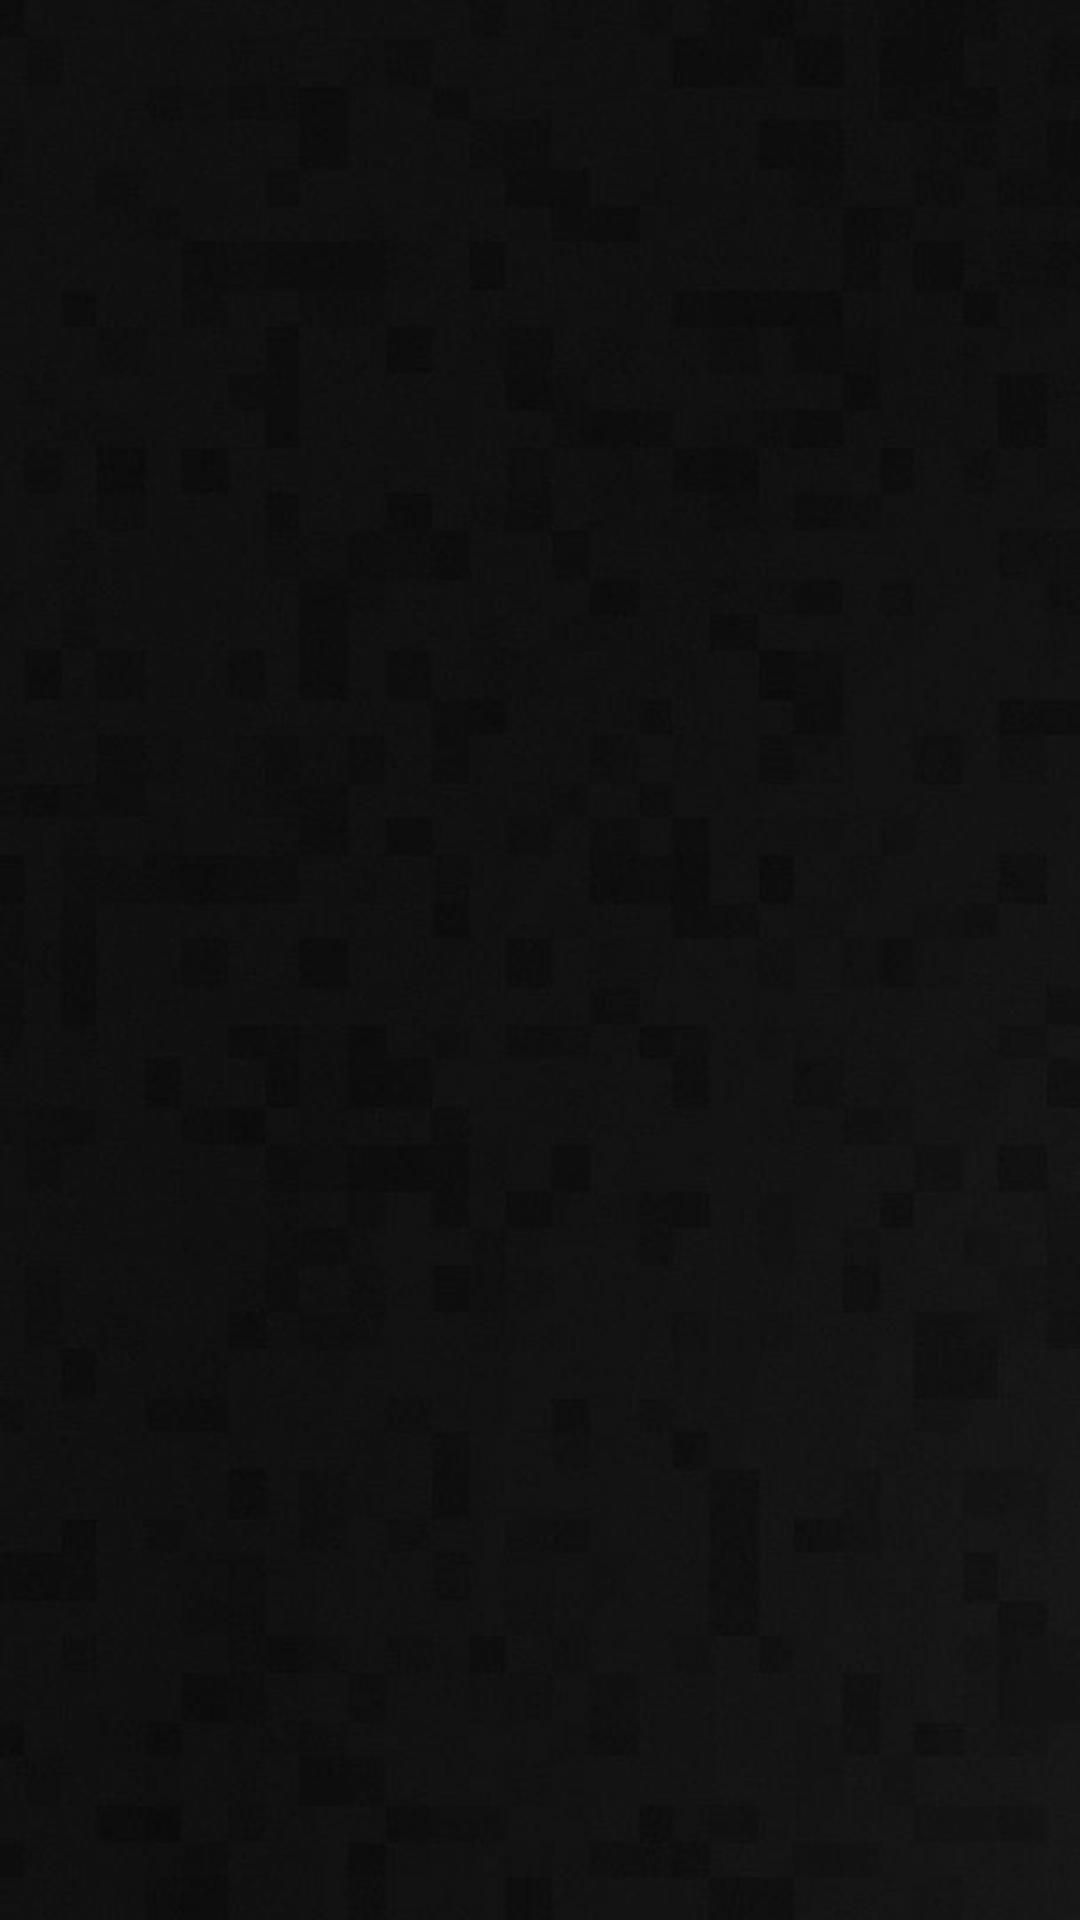 Iphone 6 carbon fiber wallpaper 76 images - Black wallpaper iphone 6 hd ...